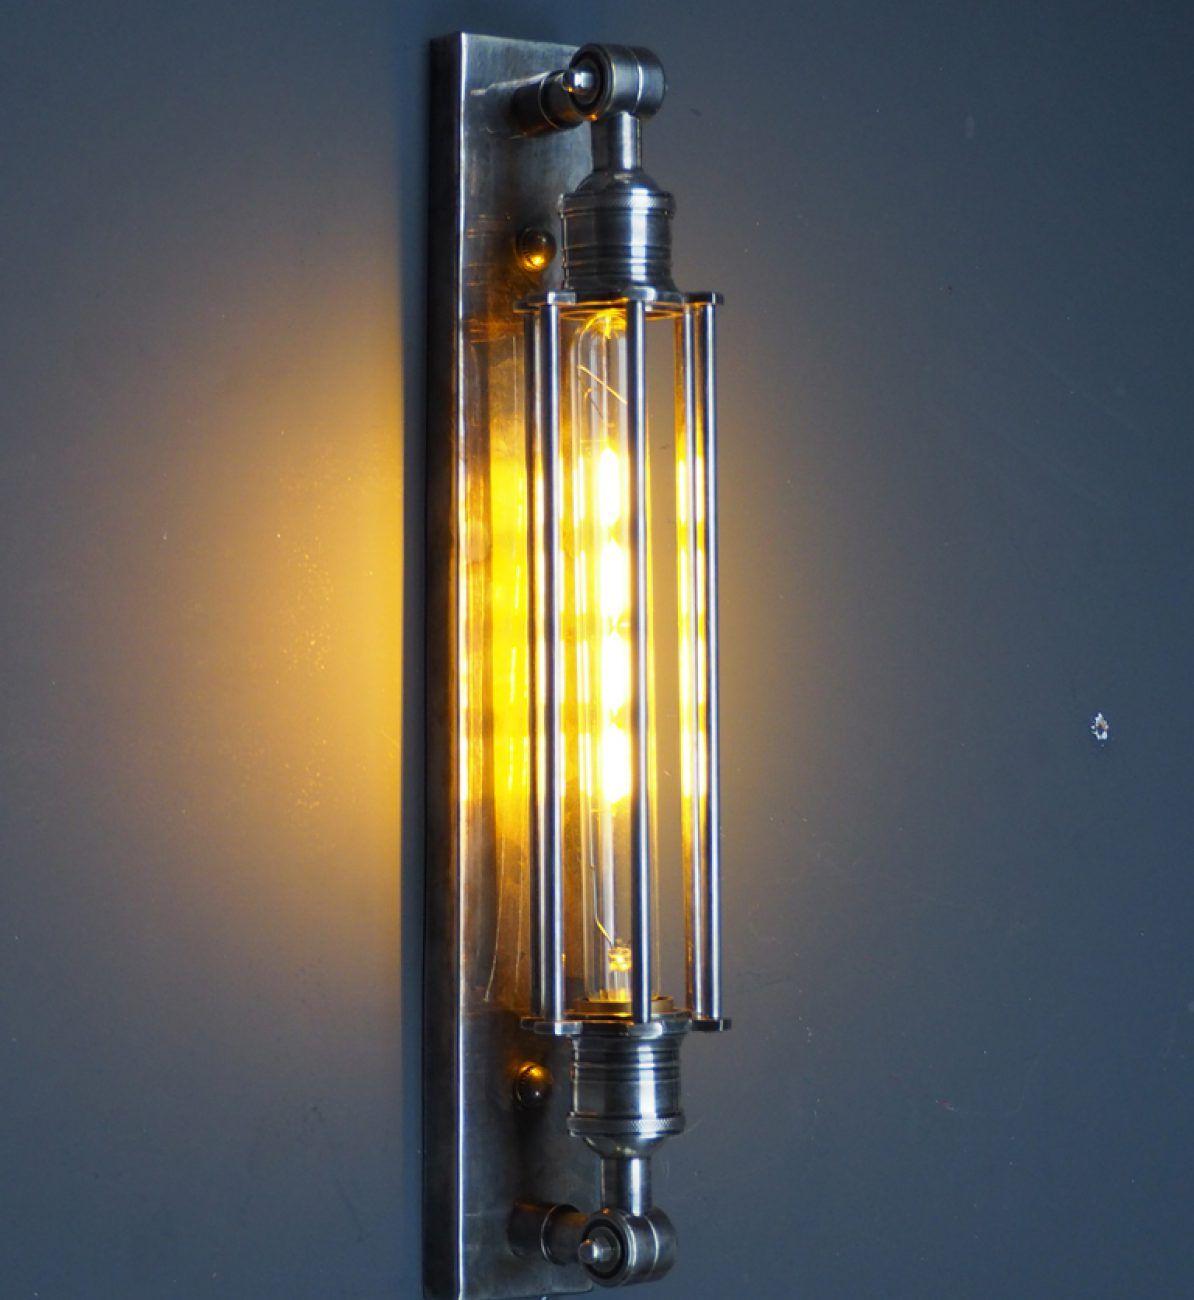 L'applique Tube est une lampe à l'esprit vintage, doté d'un